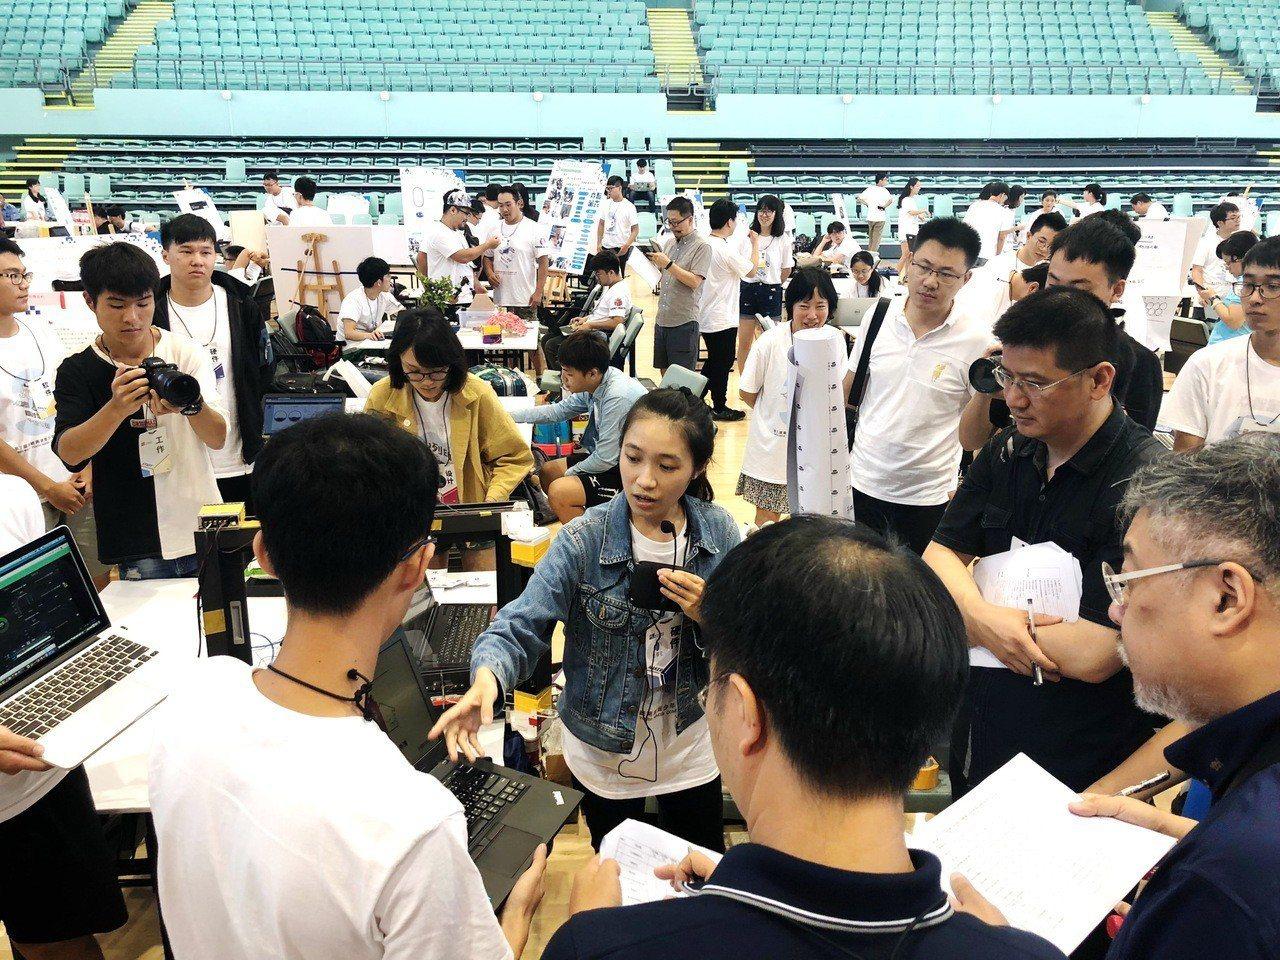 嘉義大學學生陳顗伊解說作品功能與展示。圖/國立嘉義大學提供